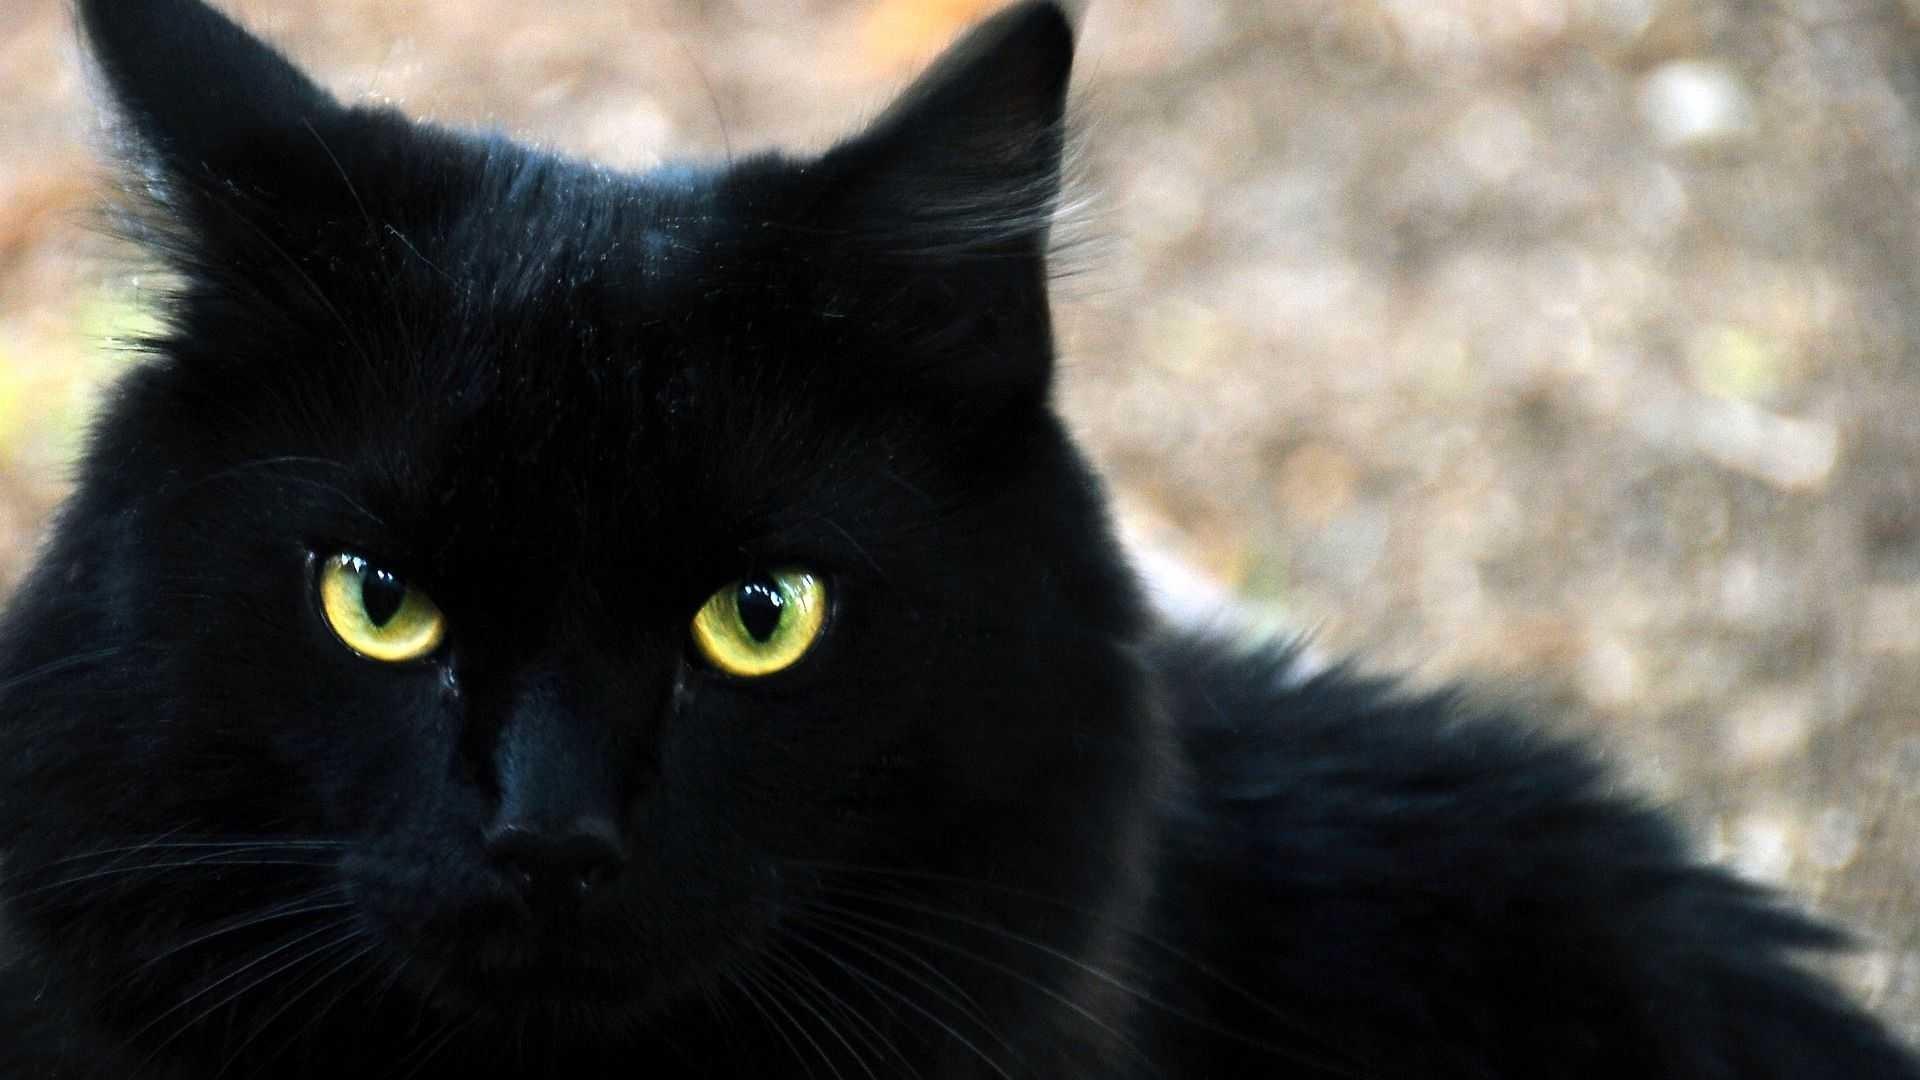 Black Cat hd picture